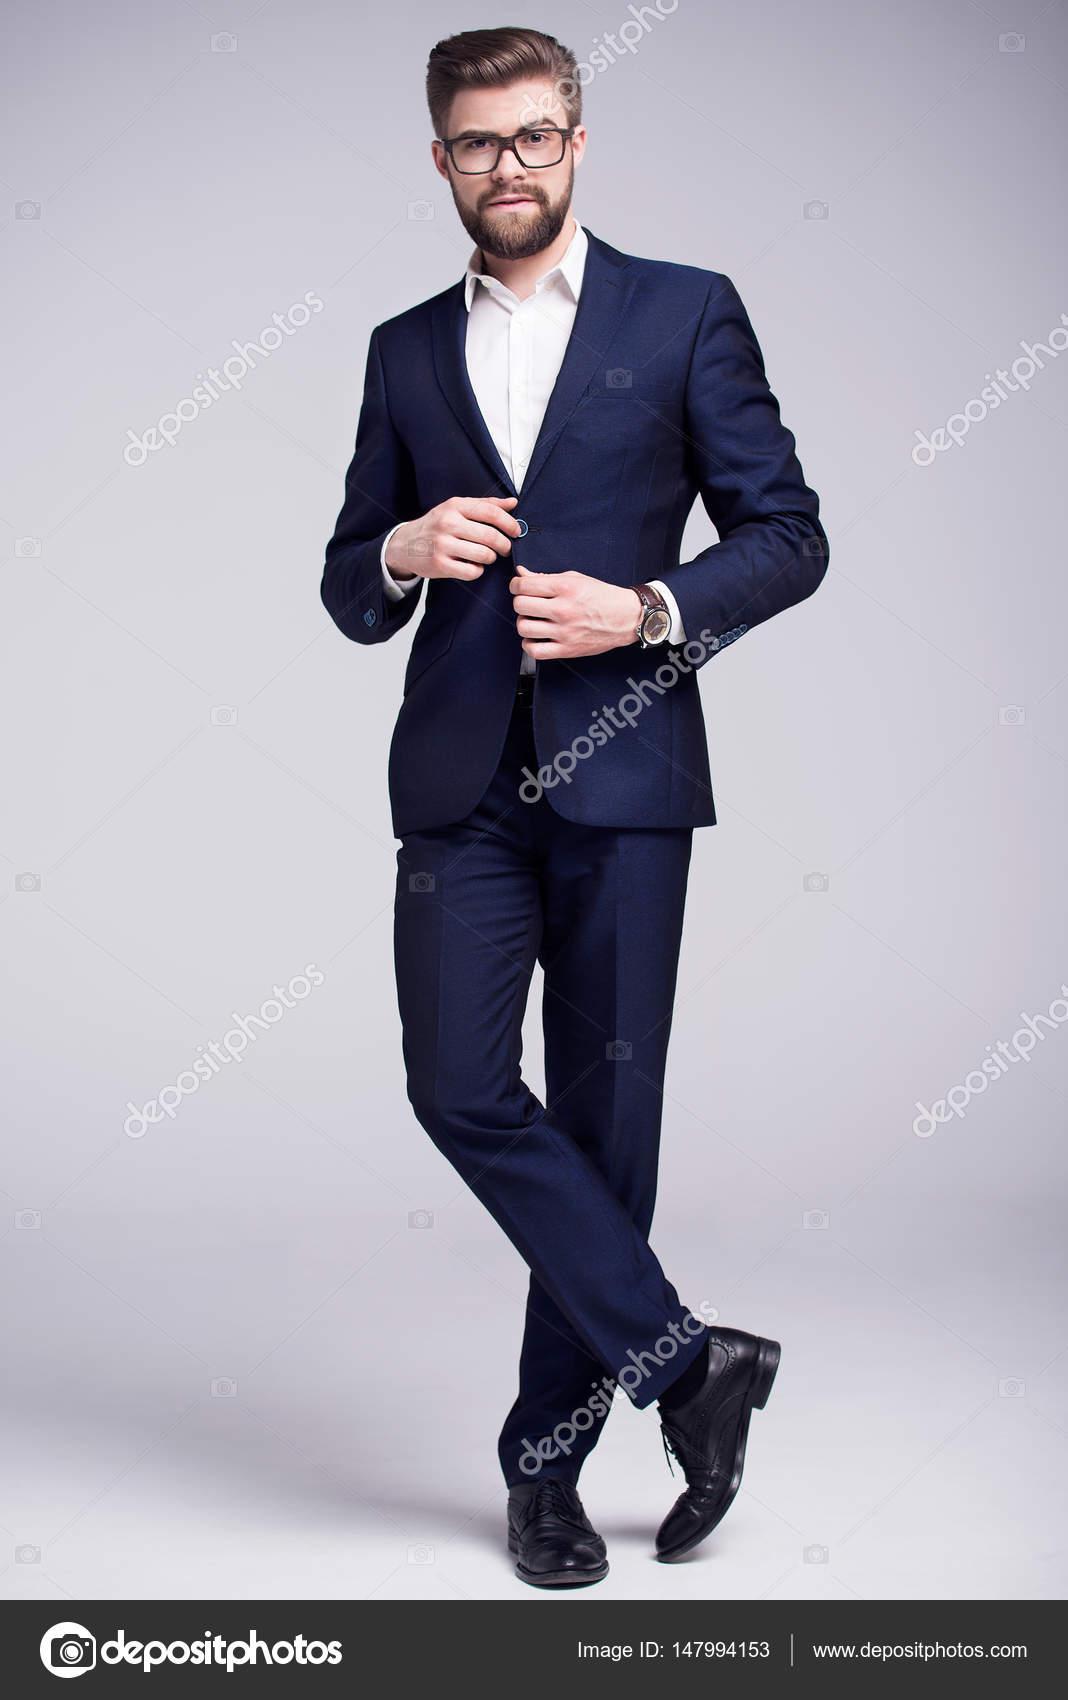 amplia selección buscar el más nuevo 100% de alta calidad Camisa blanca hombre traje | Hombre de traje azul oscuro ...